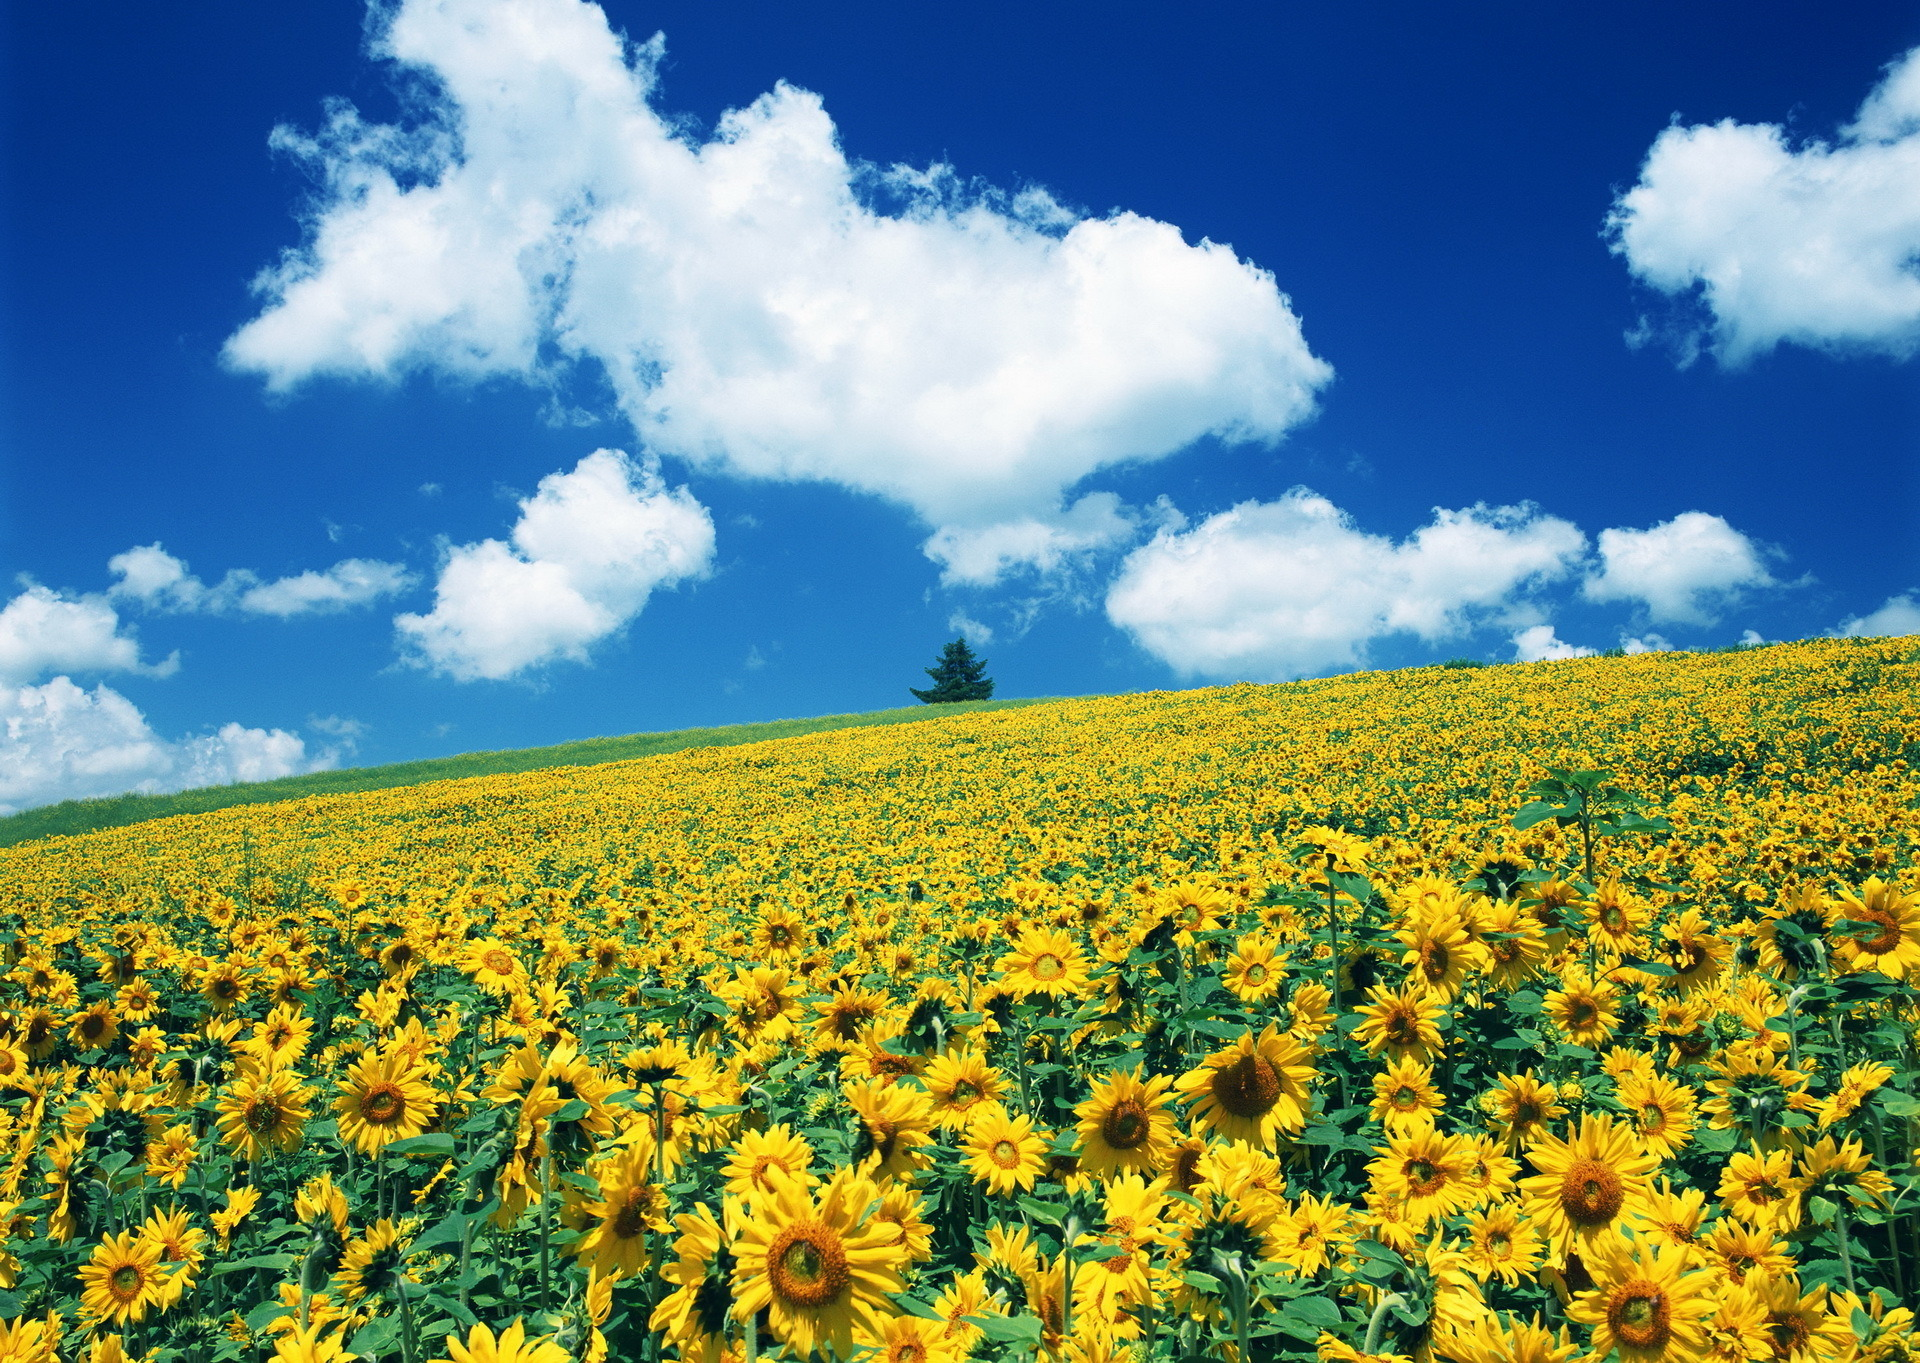 картинка природа украины летом фотографиях